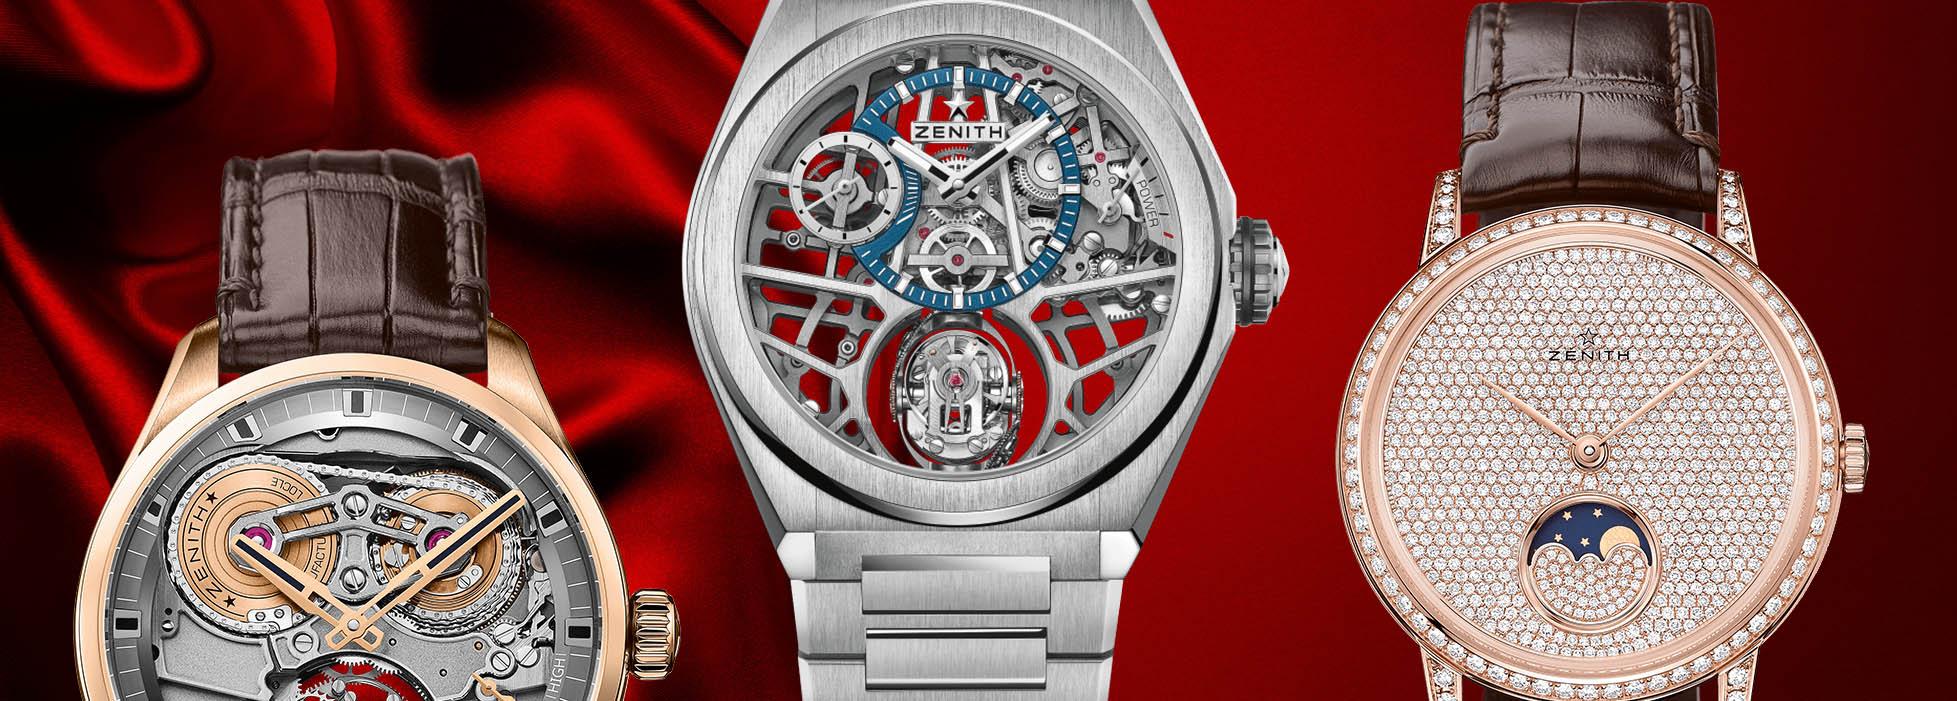 Zenith Uhren